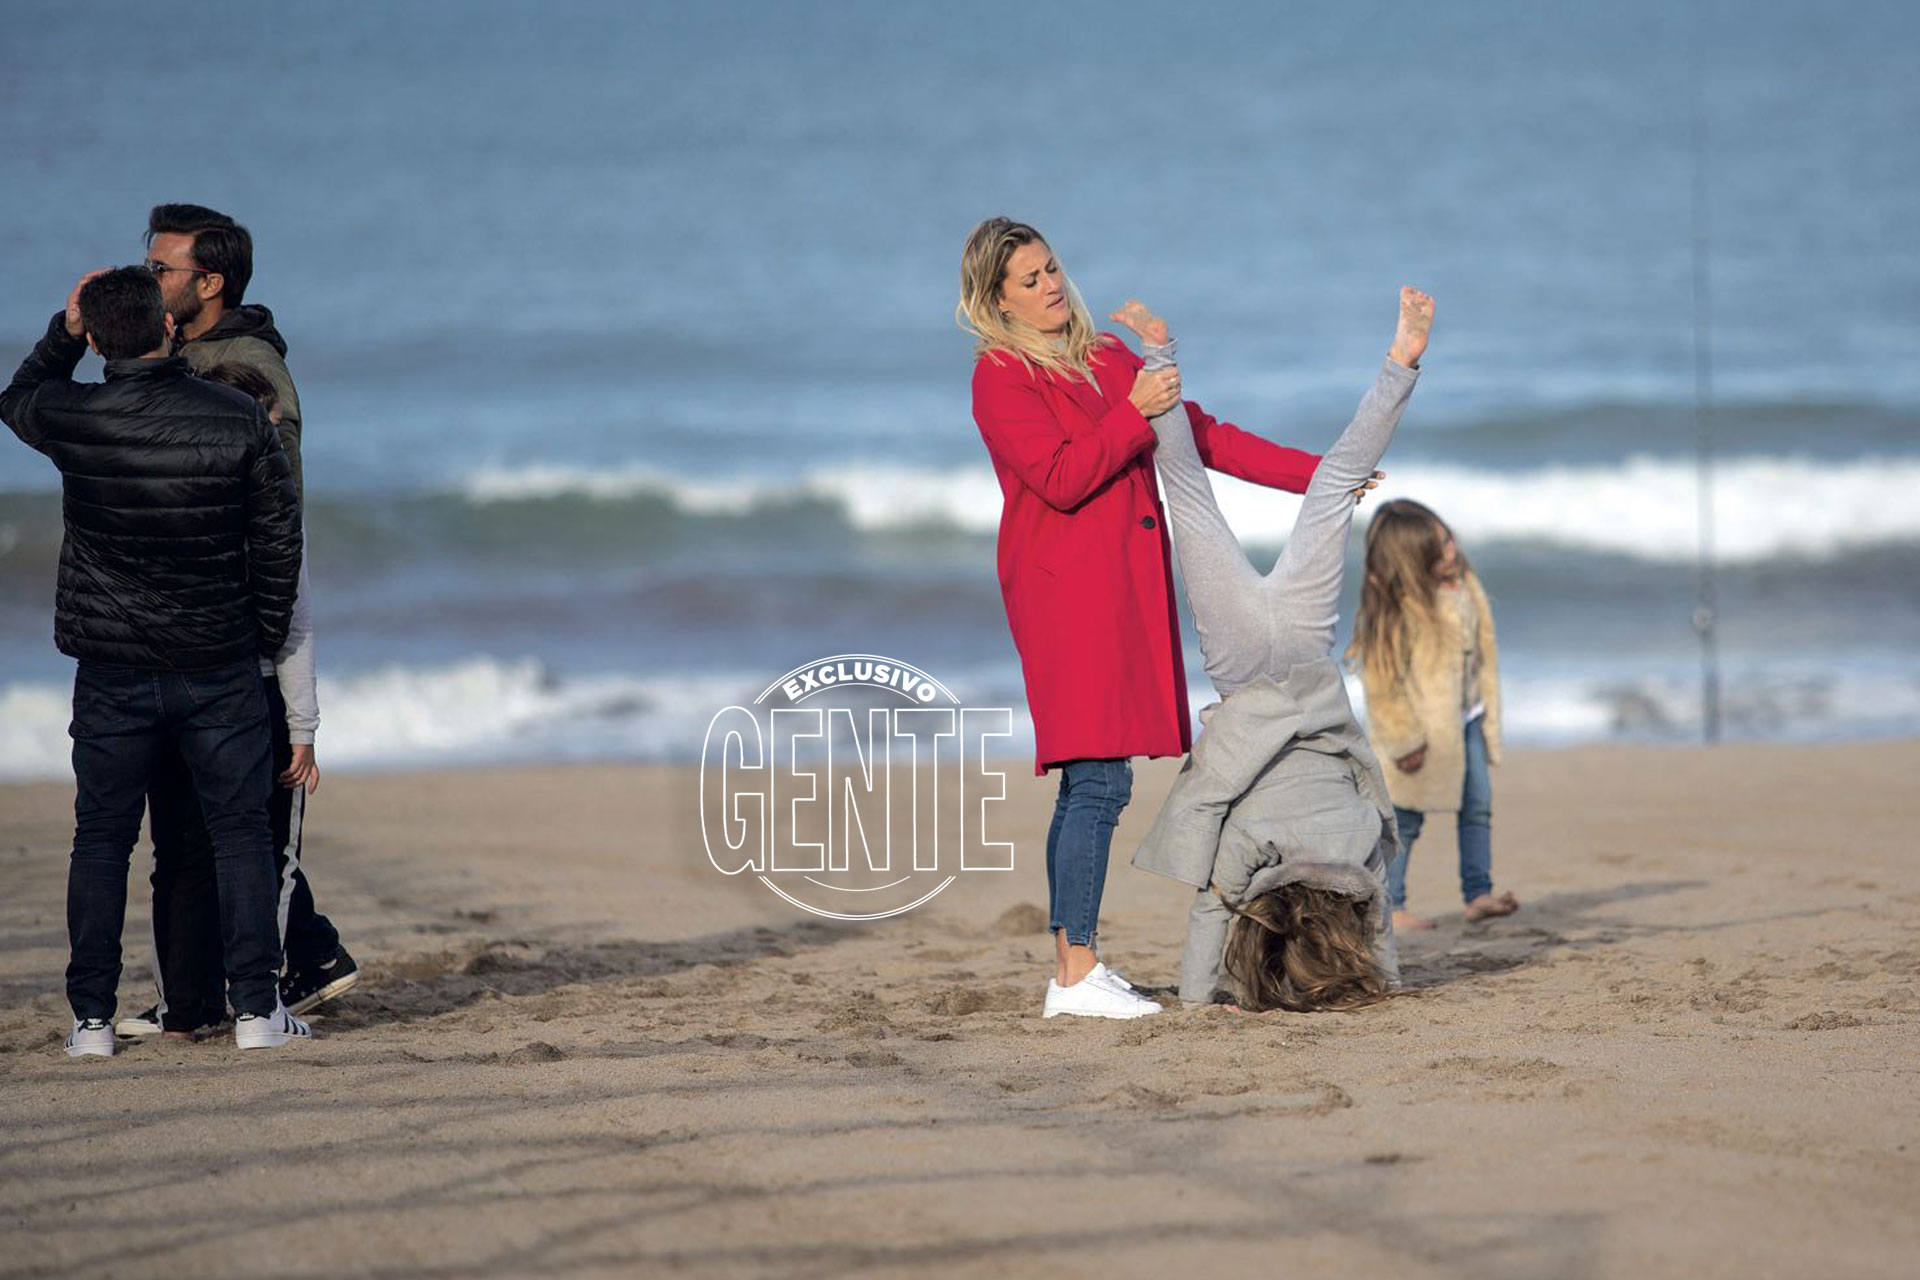 La familia de Cubero, Fabián y Mica aprovecharon para jugar en la playa. (Foto: Christian Heit)